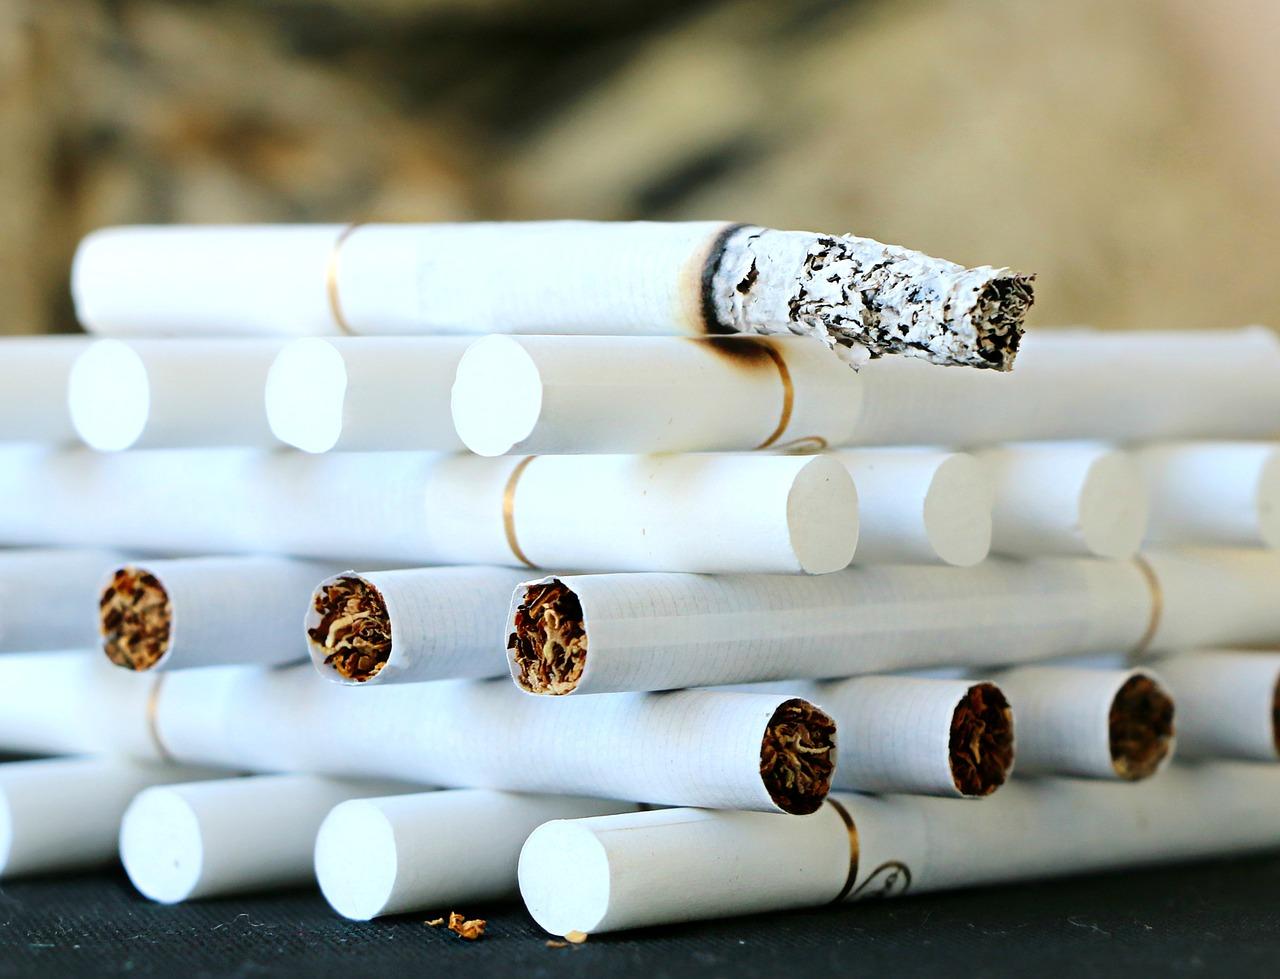 Nicaragua pierde 57.1 mdd al año por contrabando de tabaco